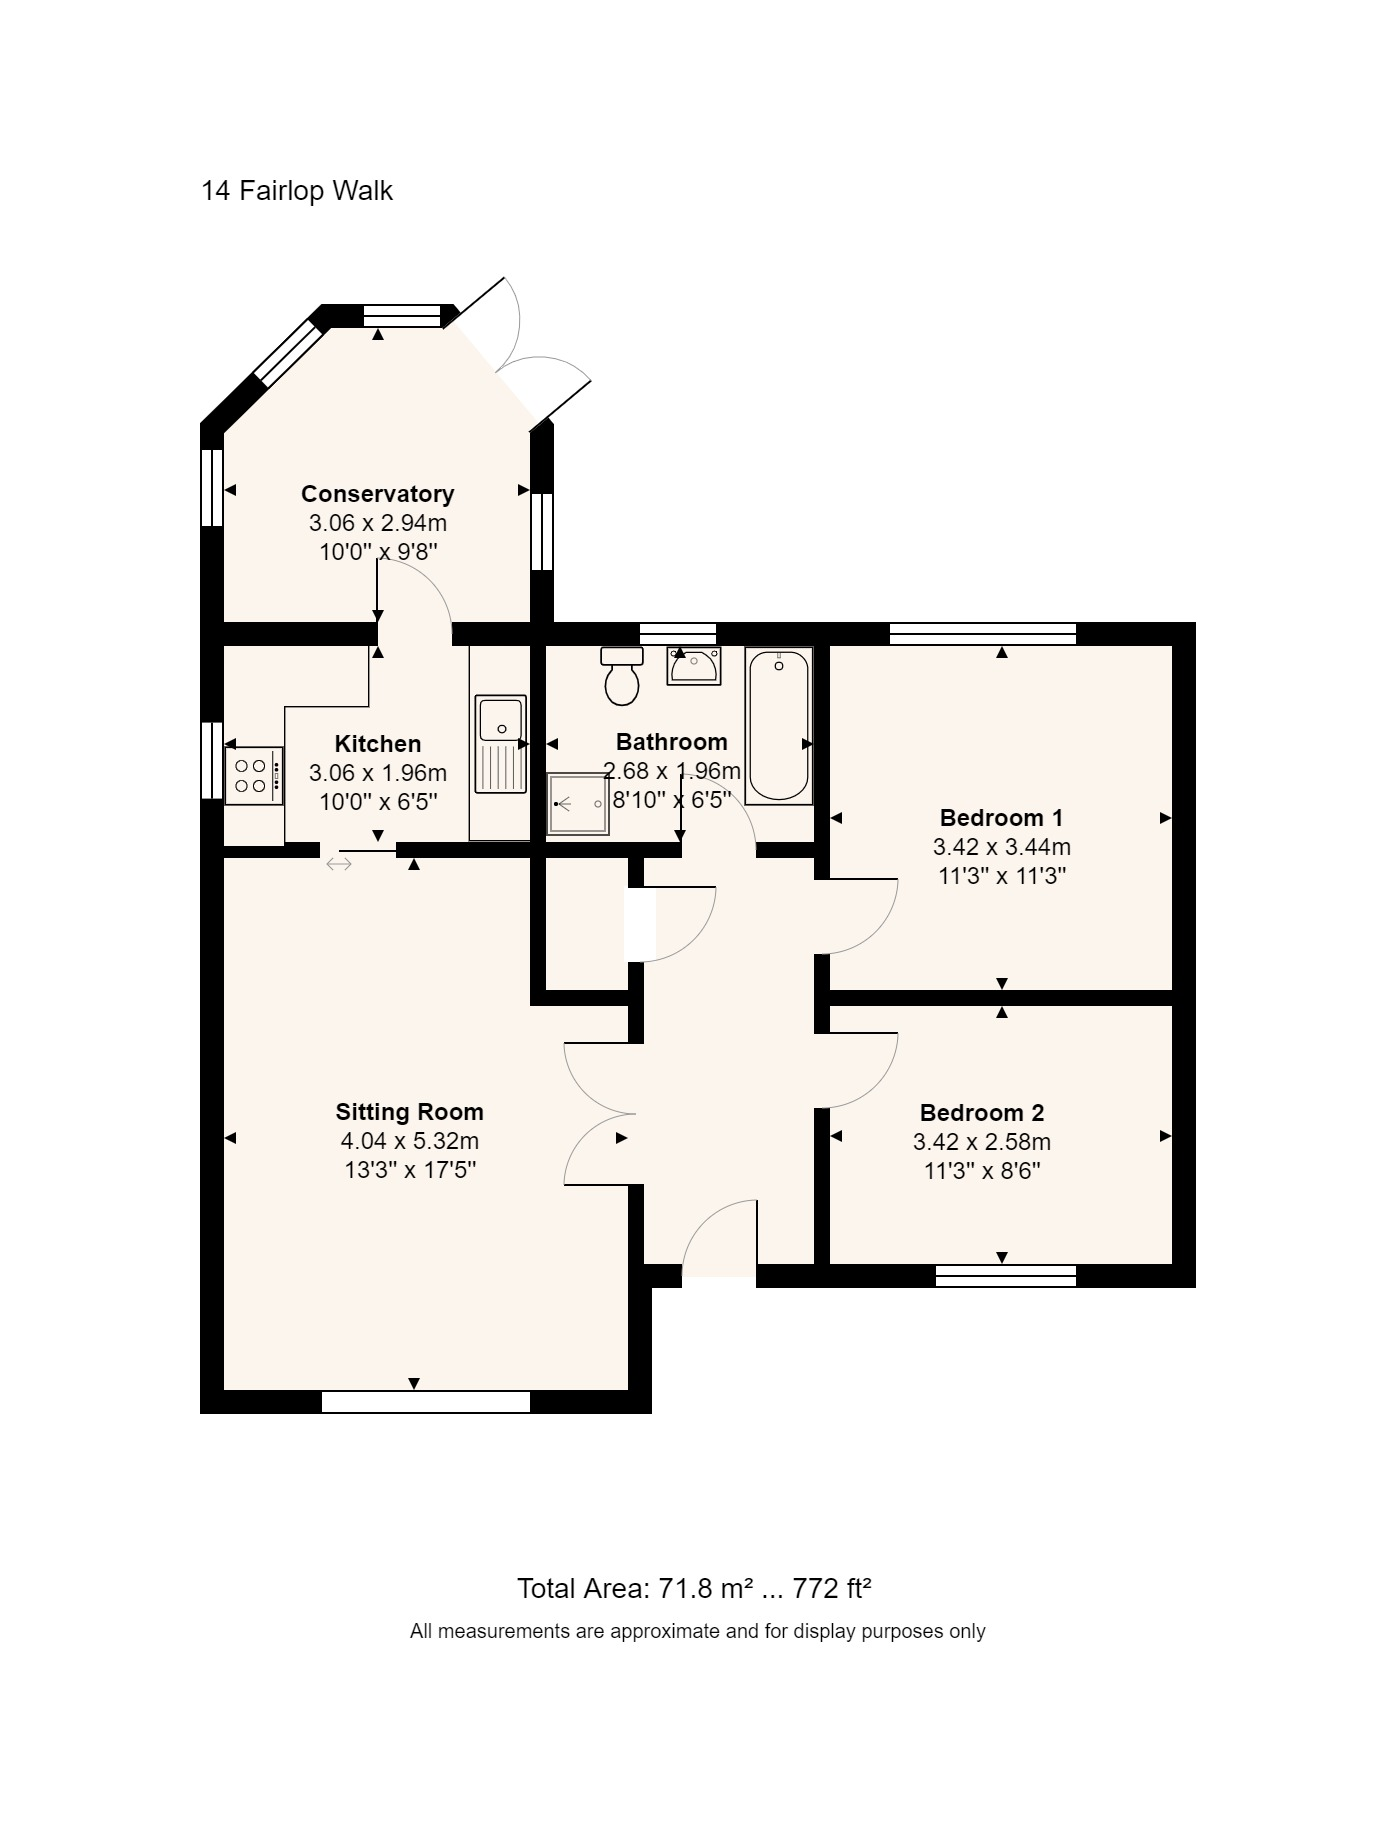 14 Fairlop Walk Floorplan